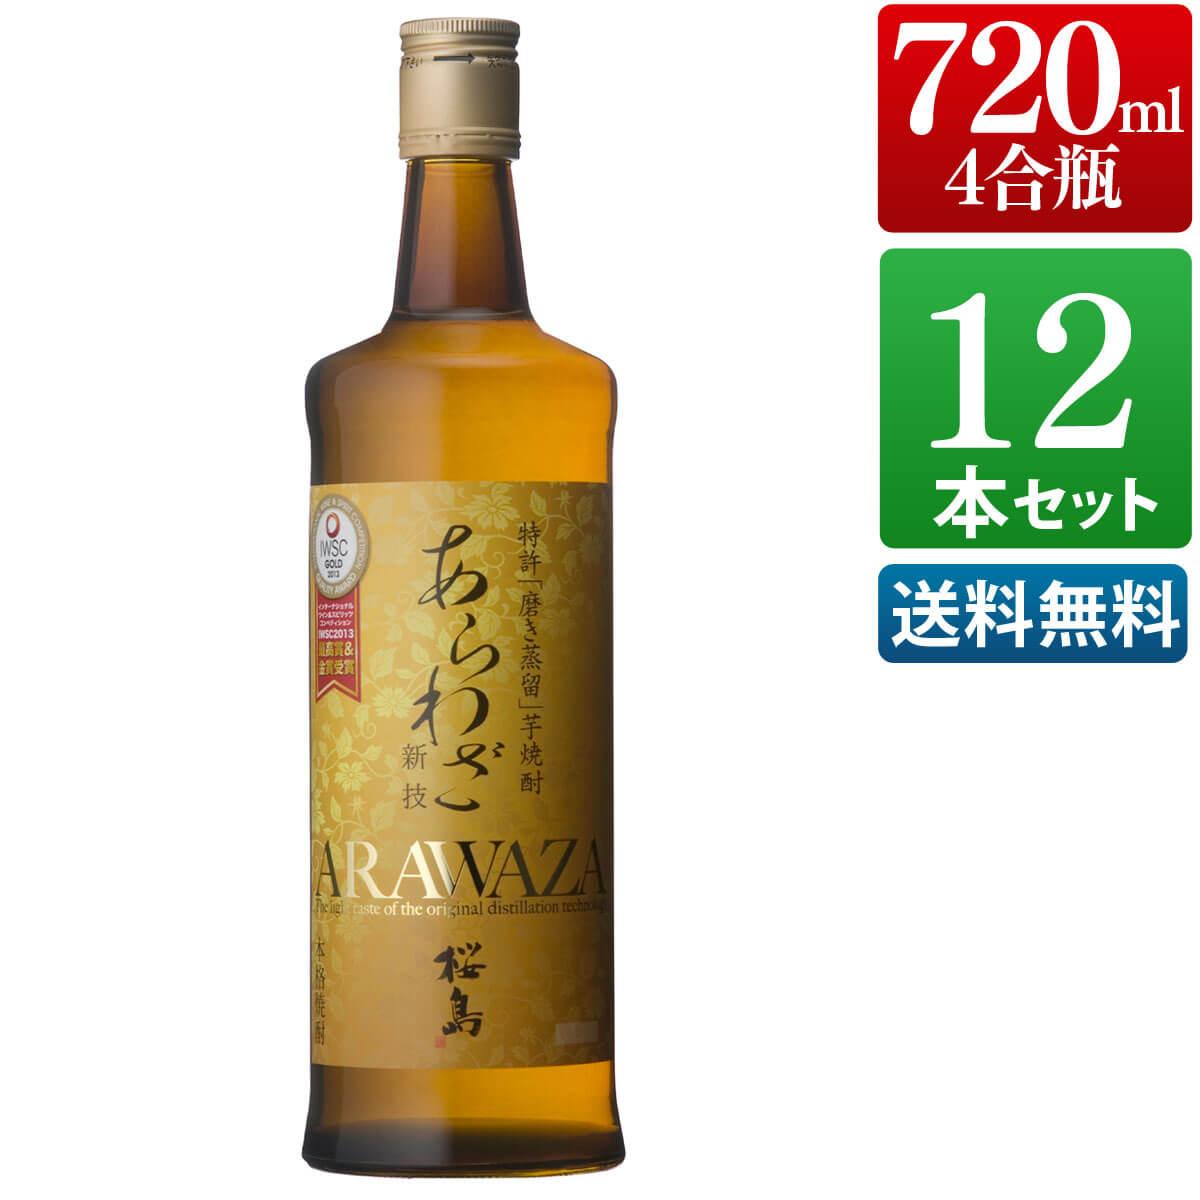 芋焼酎 12本セット あらわざ 桜島 25度 720ml [ 本坊酒造 芋焼酎 / 送料無料 ]